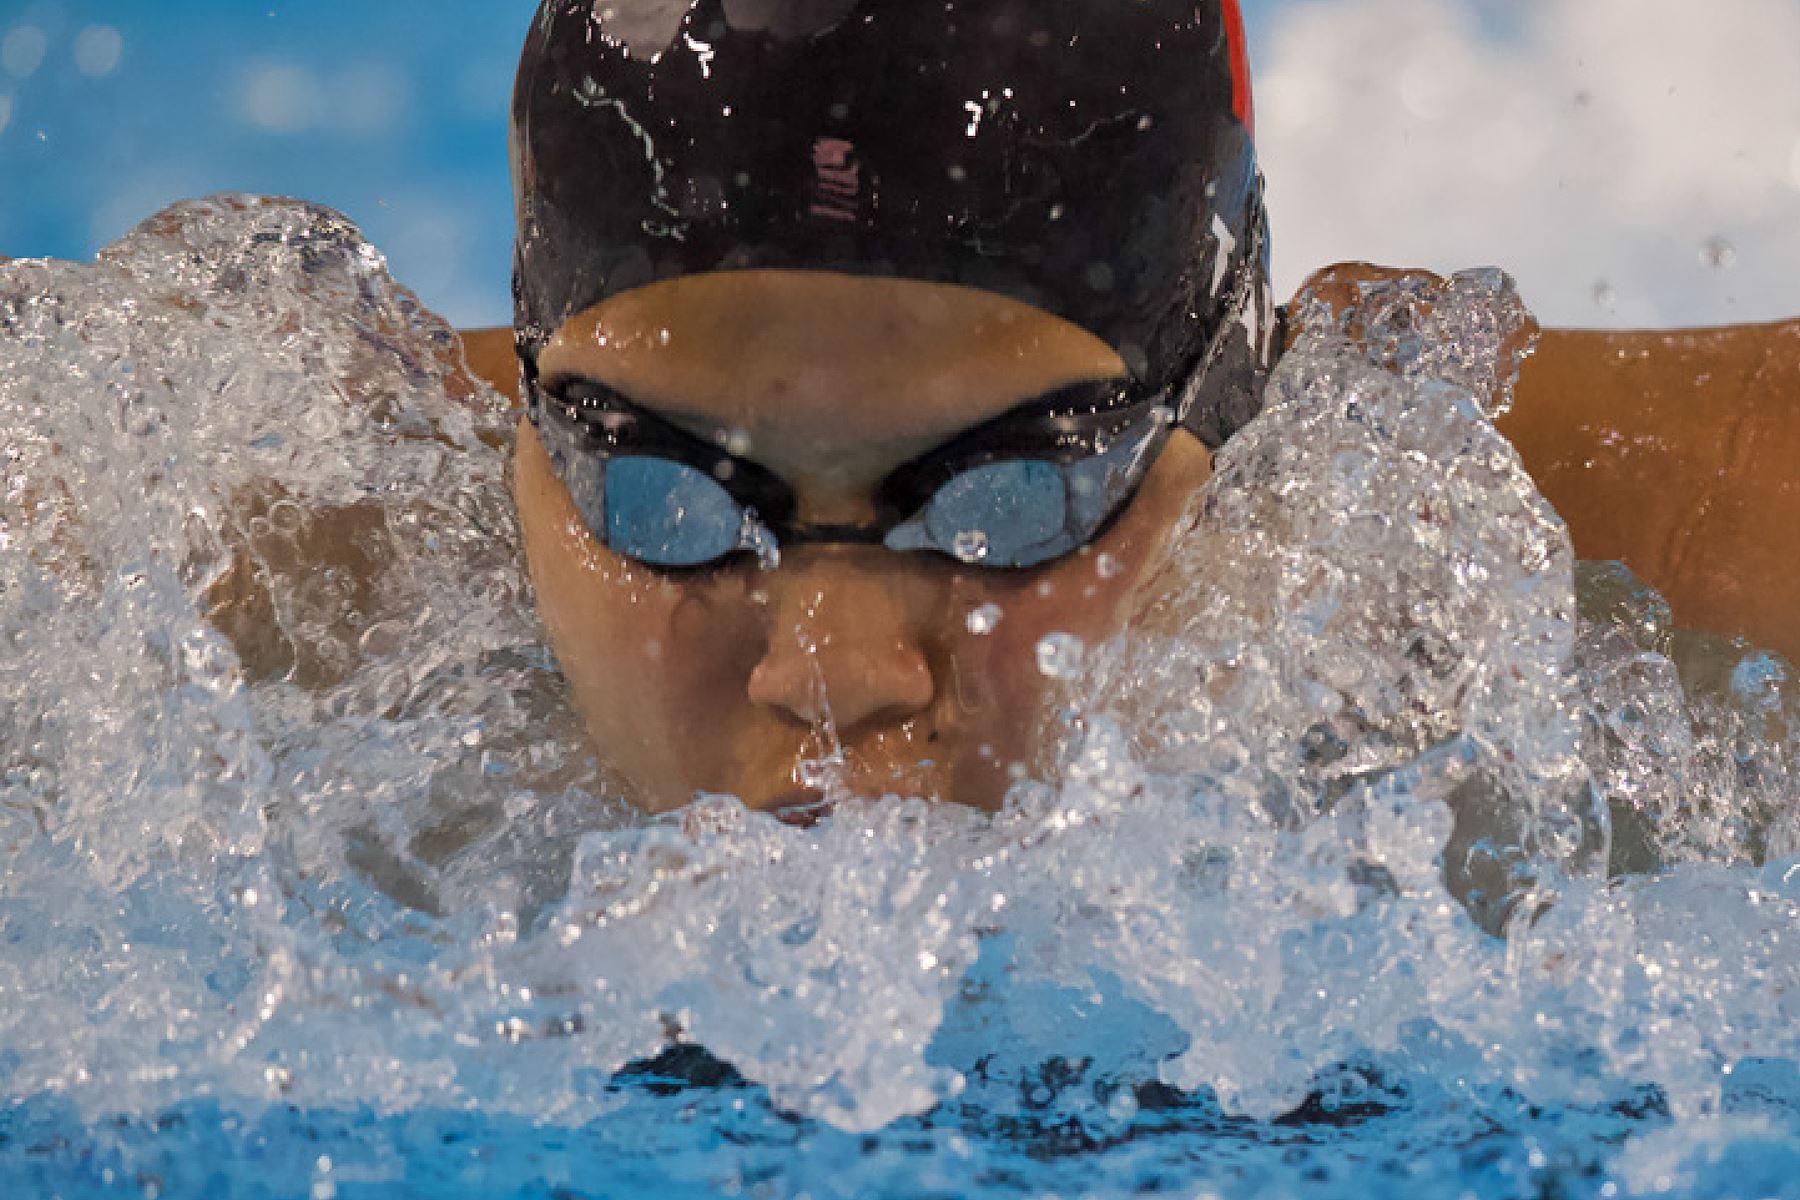 Nicole Tay Hospina  del Colegio La Salle de Lima gana la medalla de oro Mariposa 100m. por  los Juegos Deportivos Escolares Nacionales en el Centro Acuático de la Videna.Foto: ANDINA/ Carlos Lezama